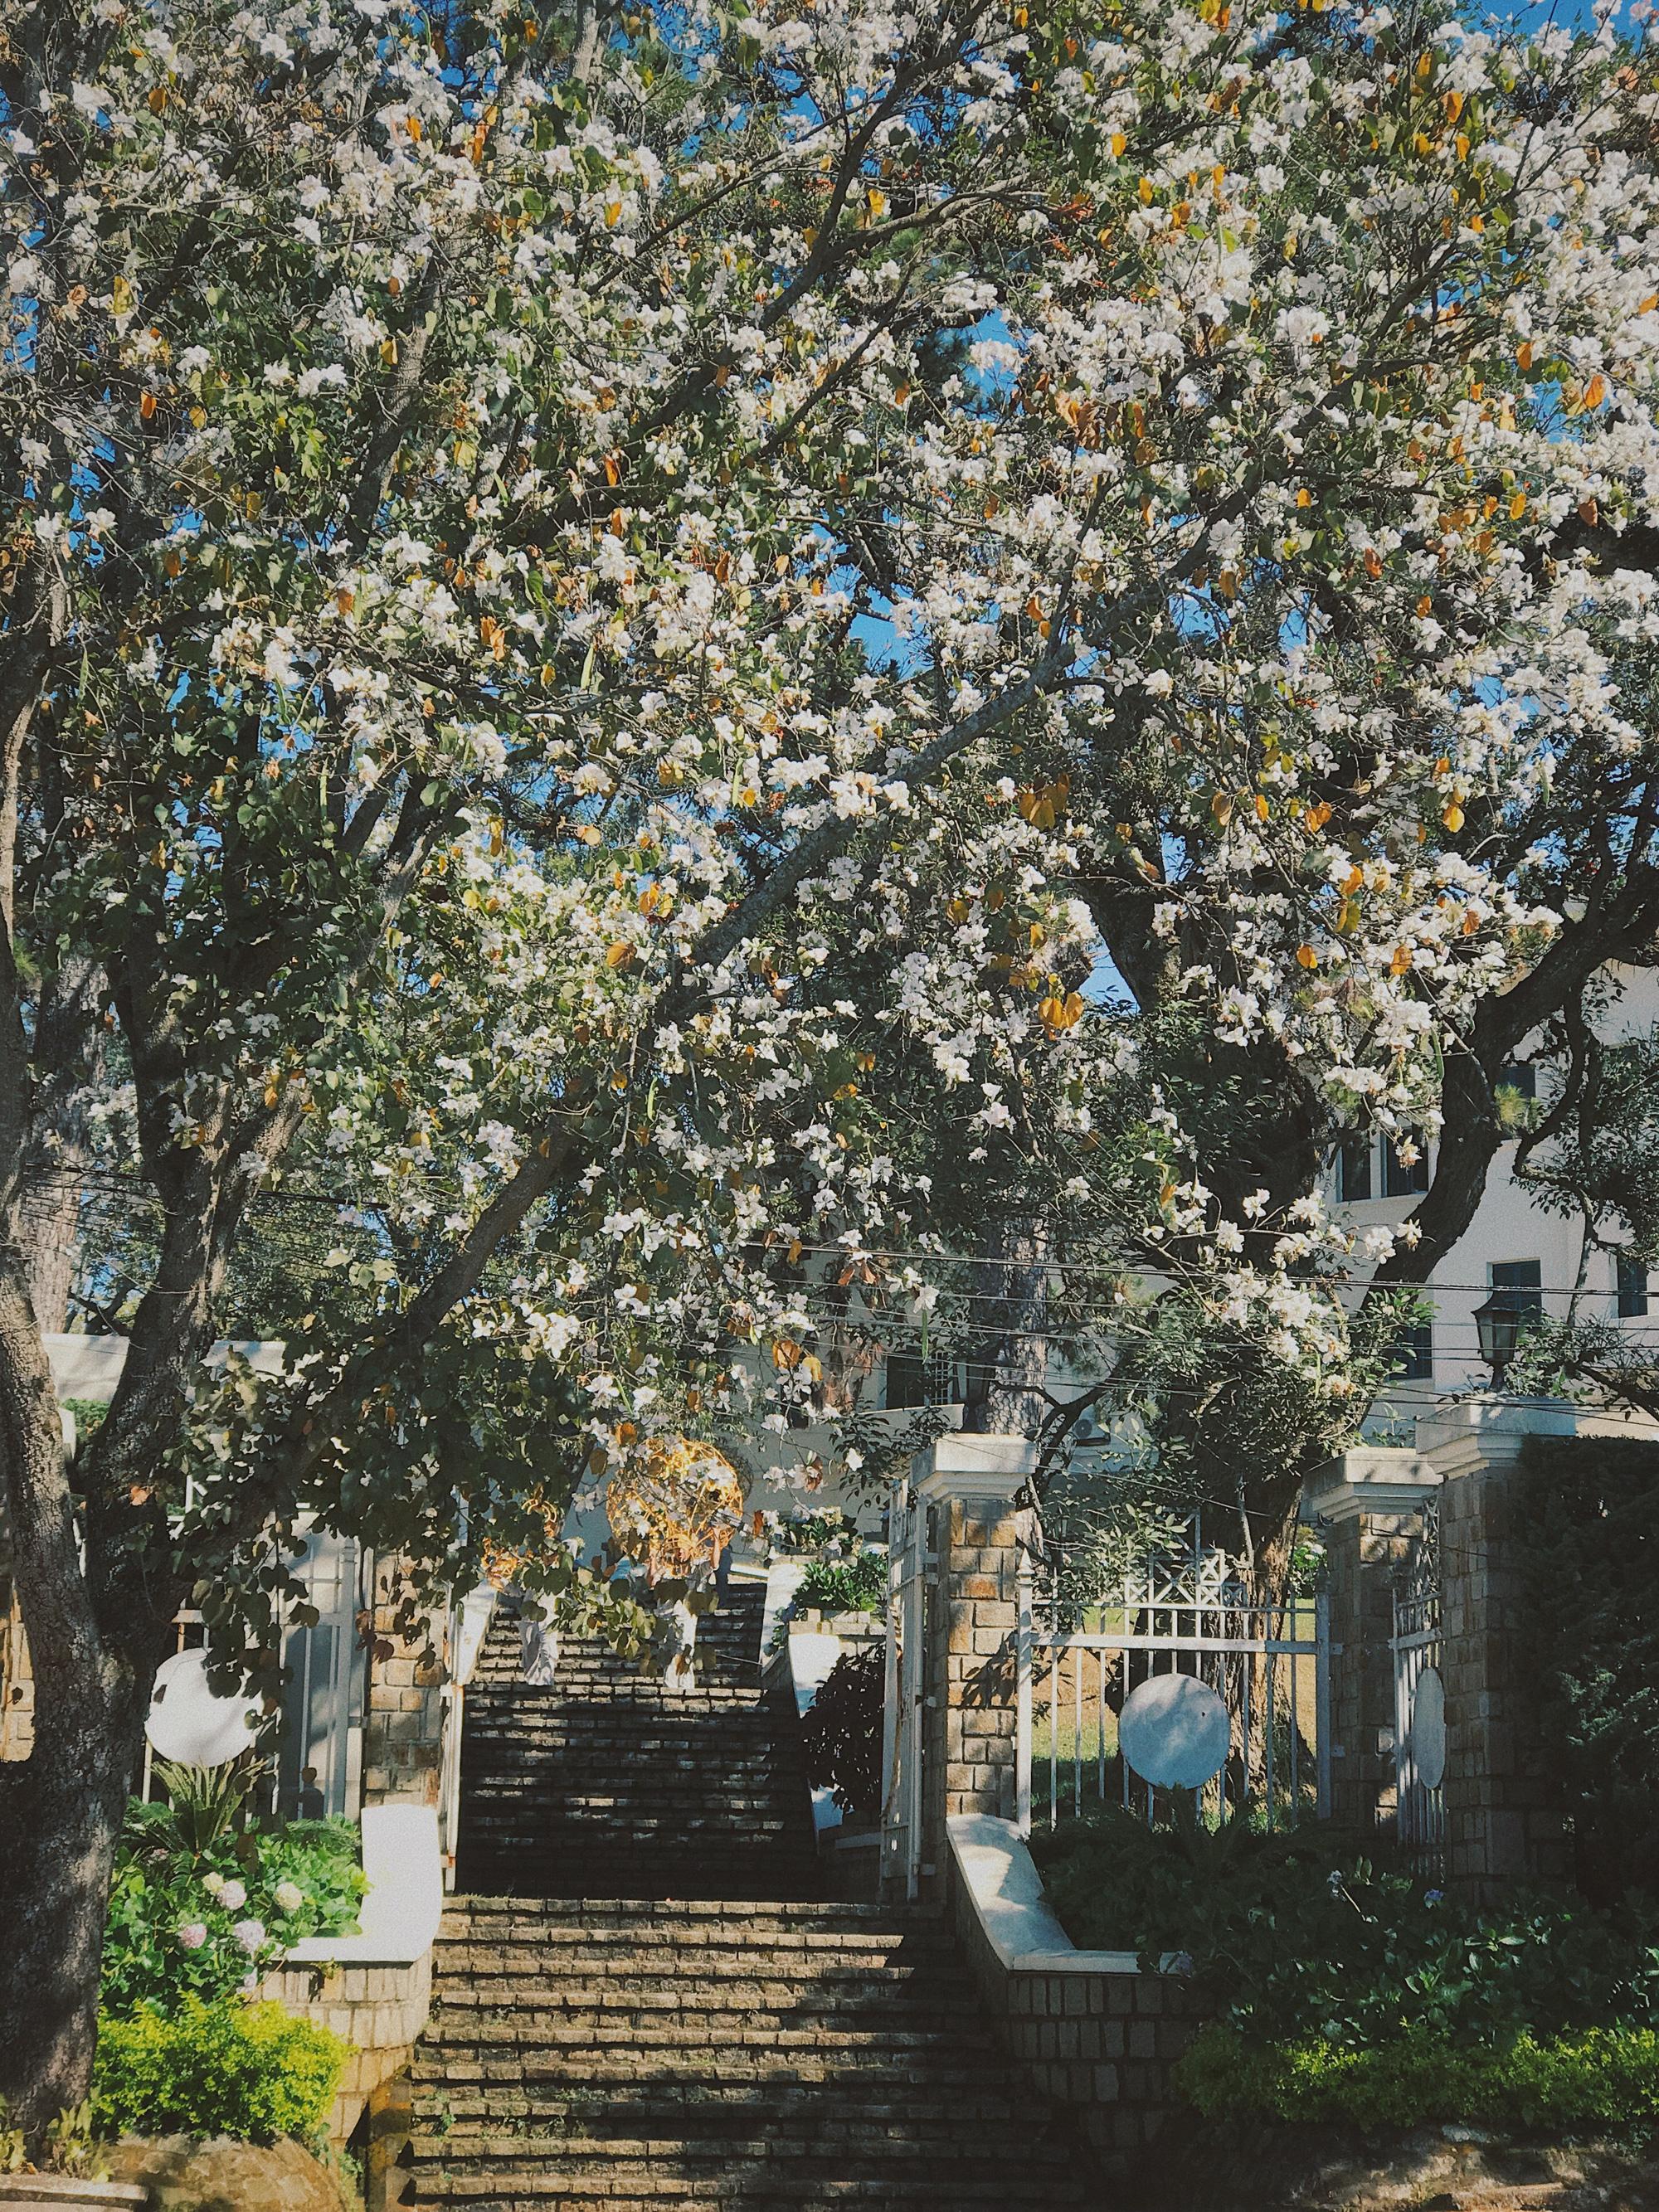 Hoa ban nhuộm trắng những góc phố Đà Lạt ngày cận Tết Nguyên đán - Ảnh 5.